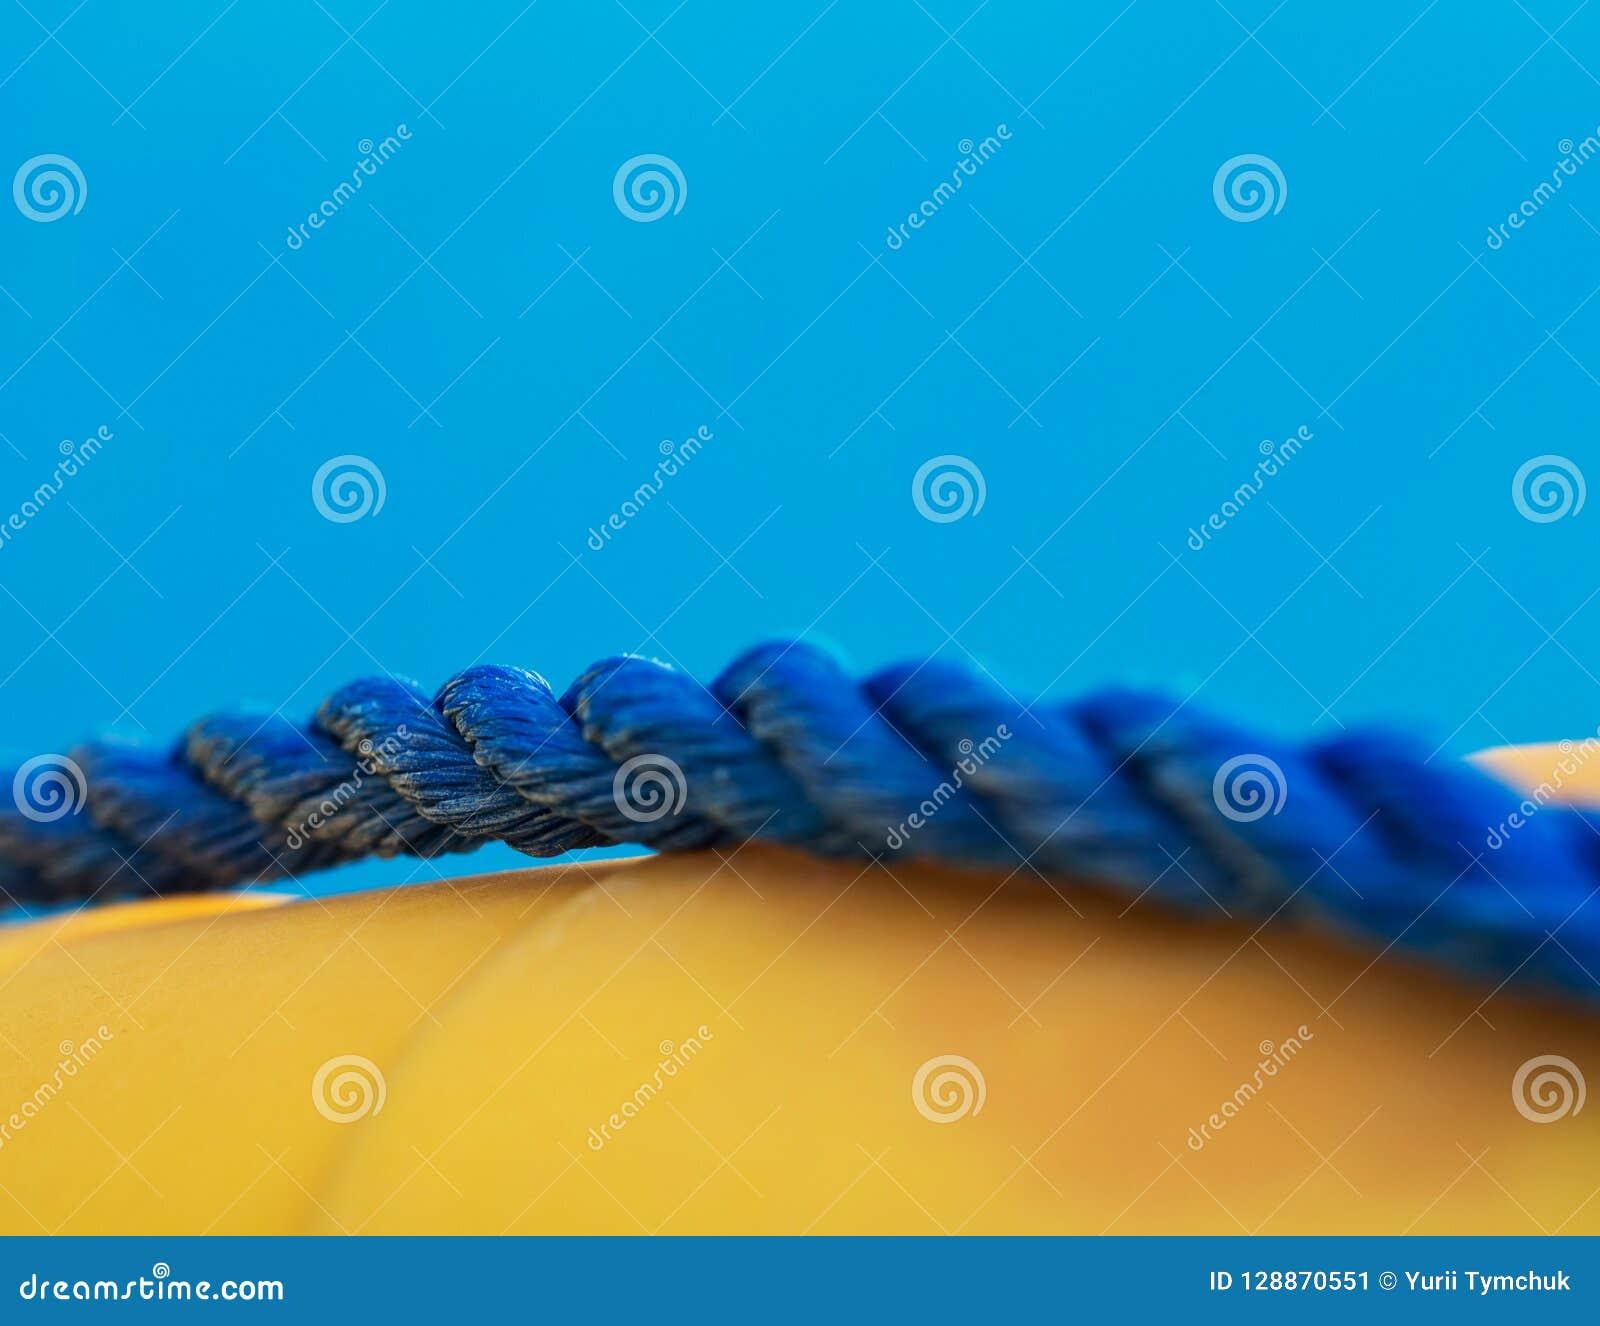 Конец-вверх голубой морской переплетенной веревочки на желтом lifebuoy, отмелом dept поля